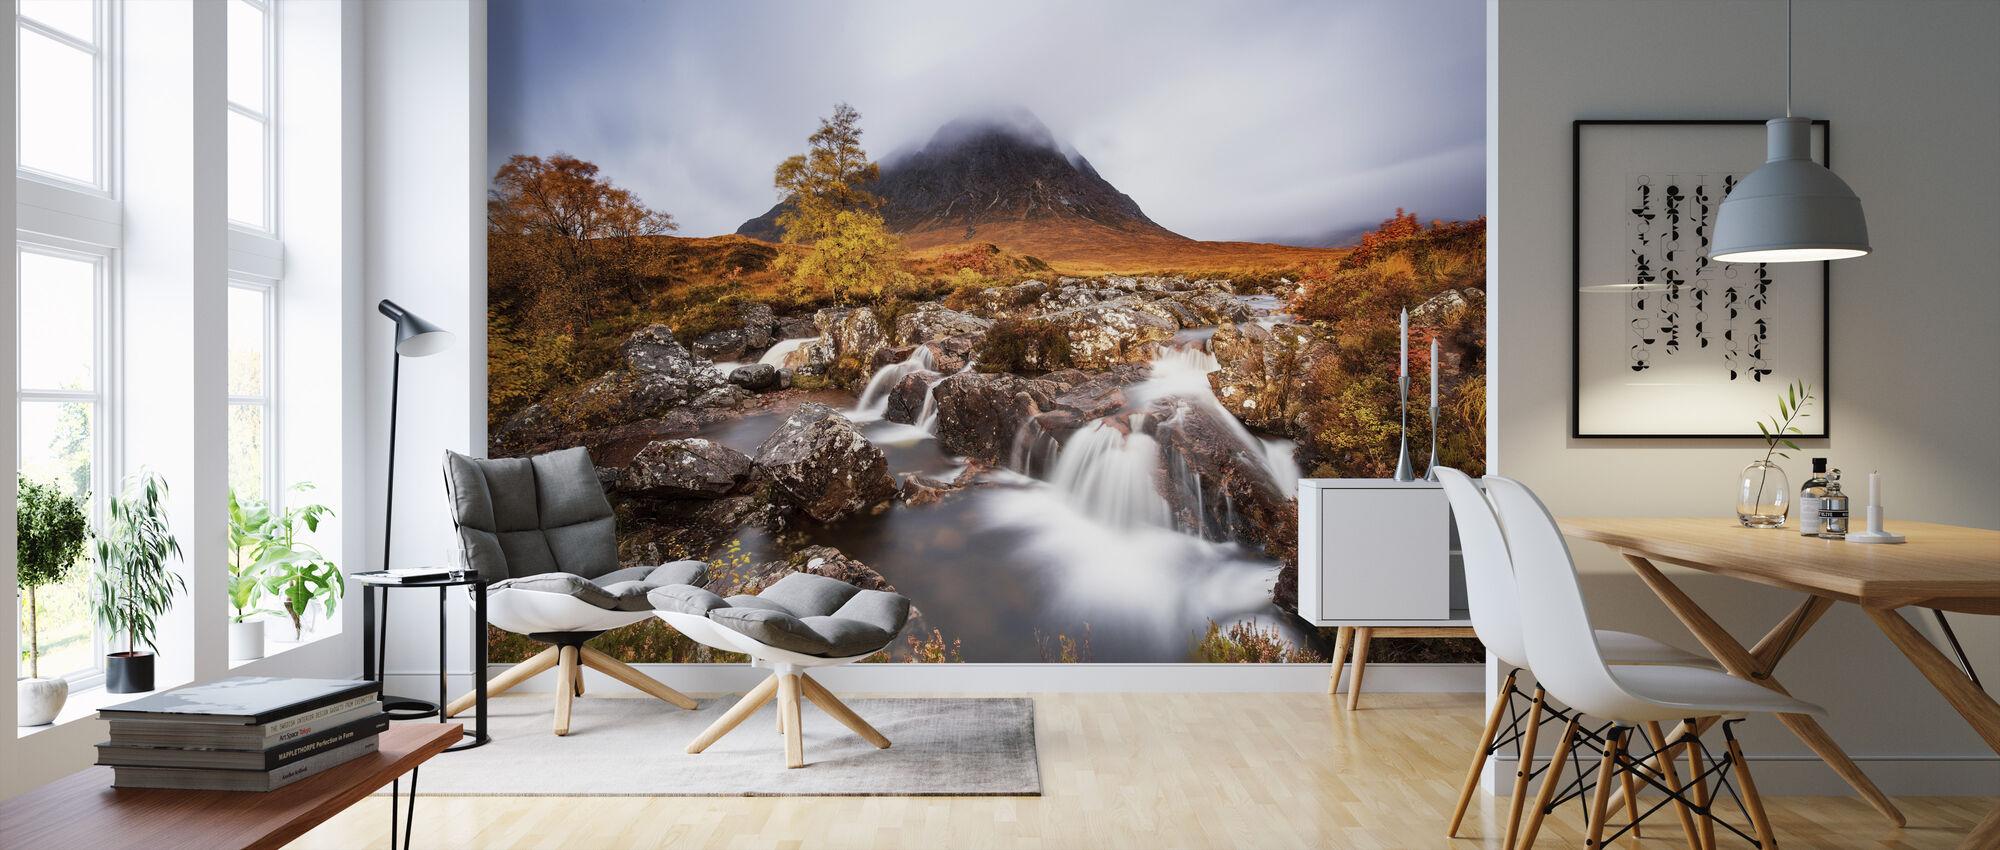 Autumn in the Glencoe - Wallpaper - Living Room